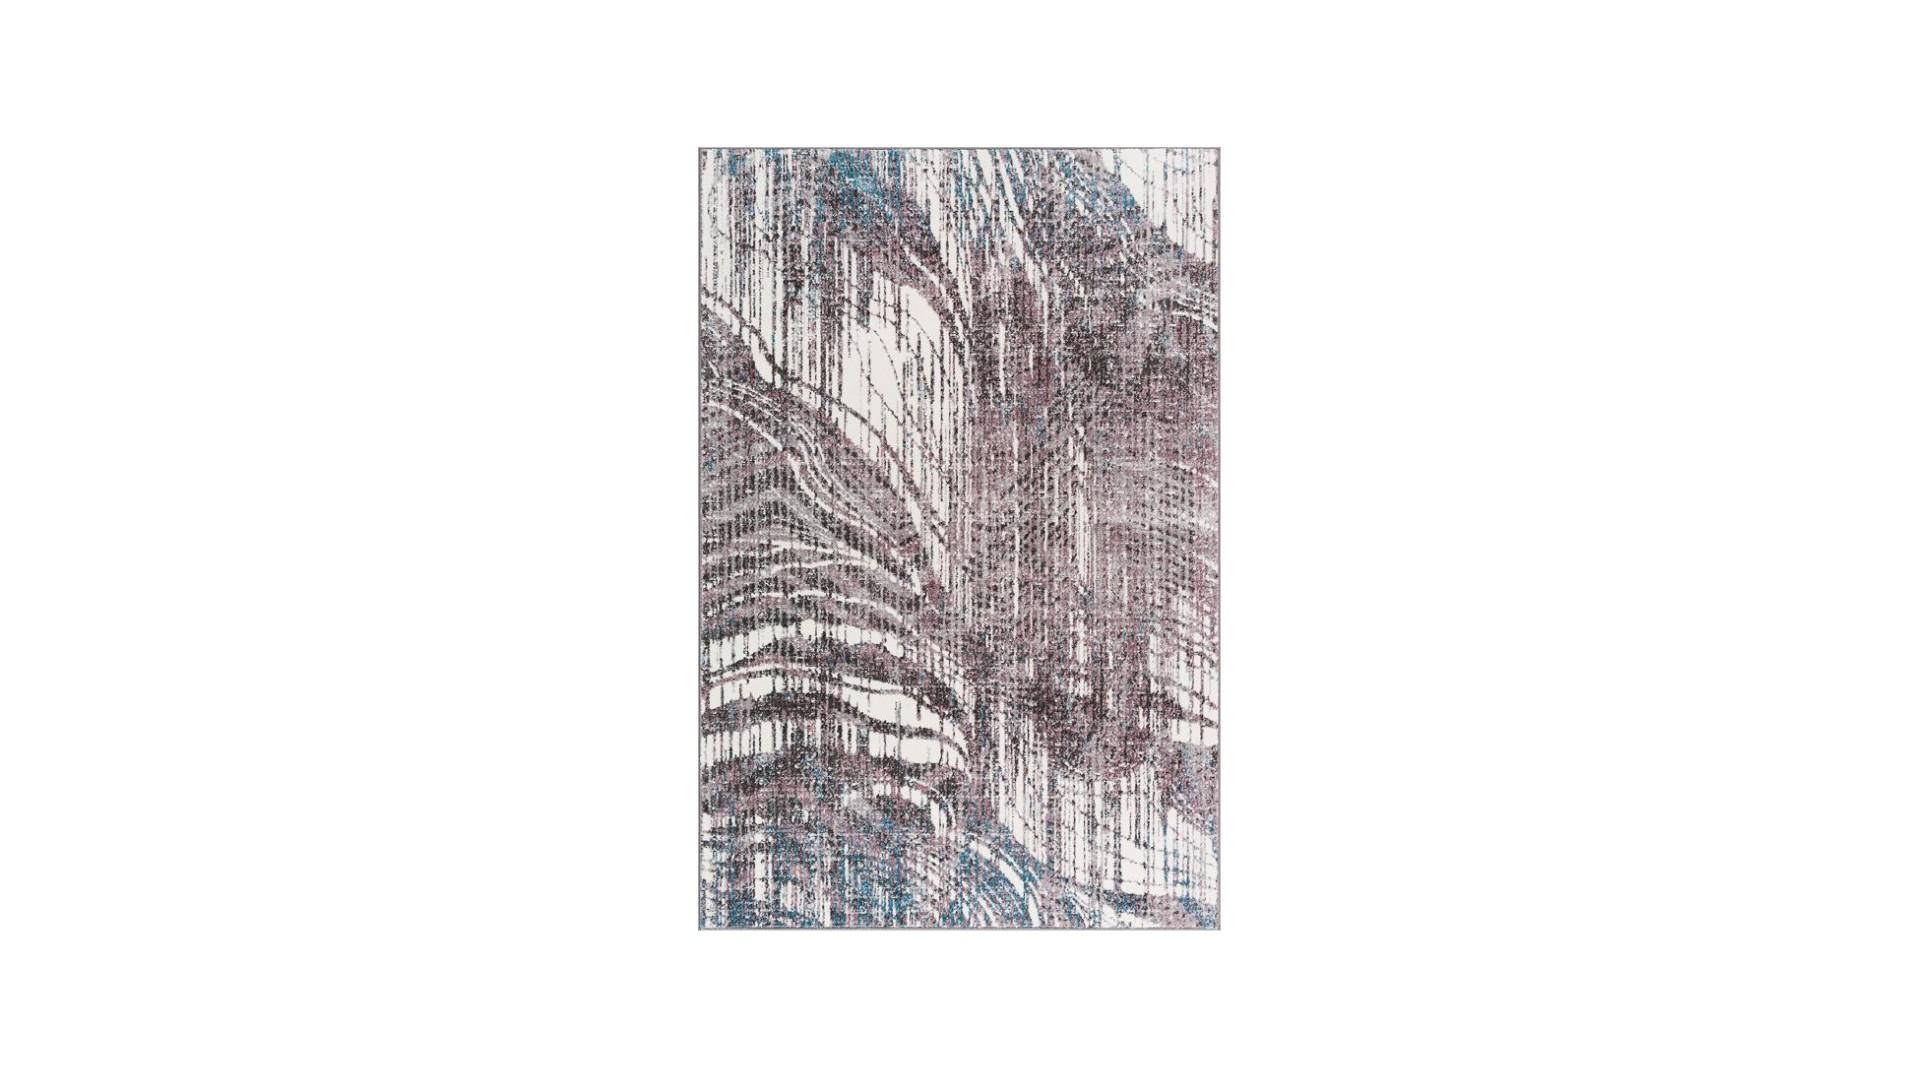 Dywan nowoczesny do salonu w mazane jasne szare kolory.